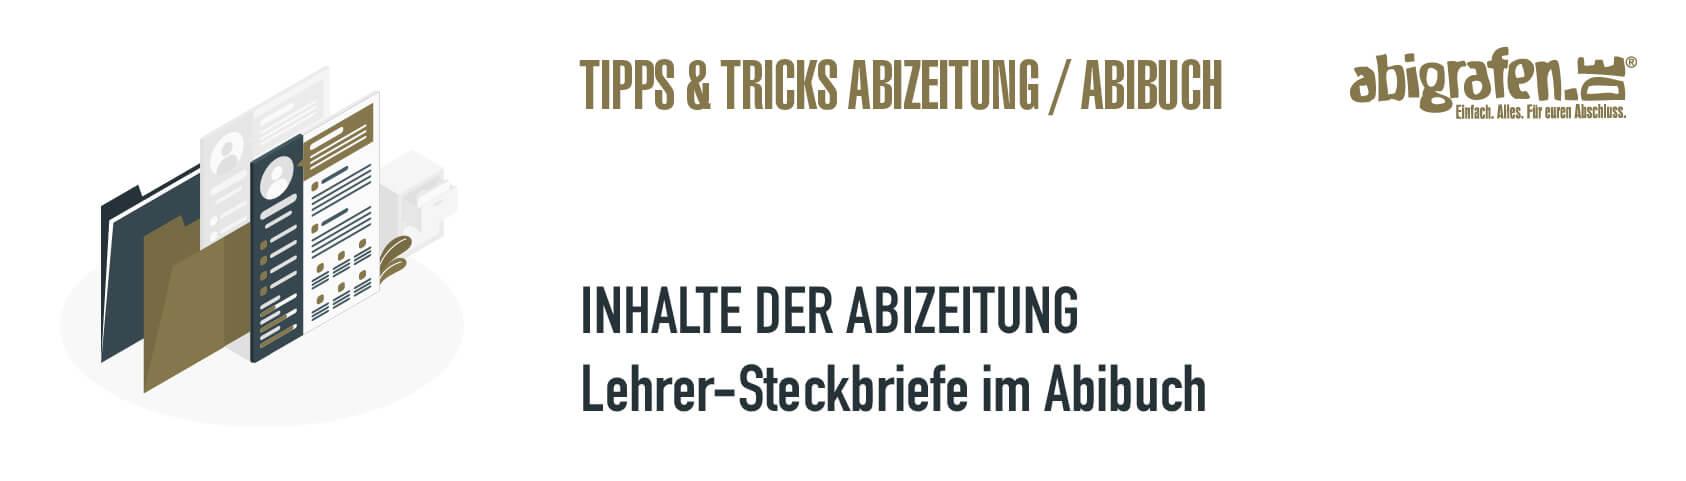 abigrafen-abizeitung-tipps-und-tricks-inhalte-lehrersteckbriefe